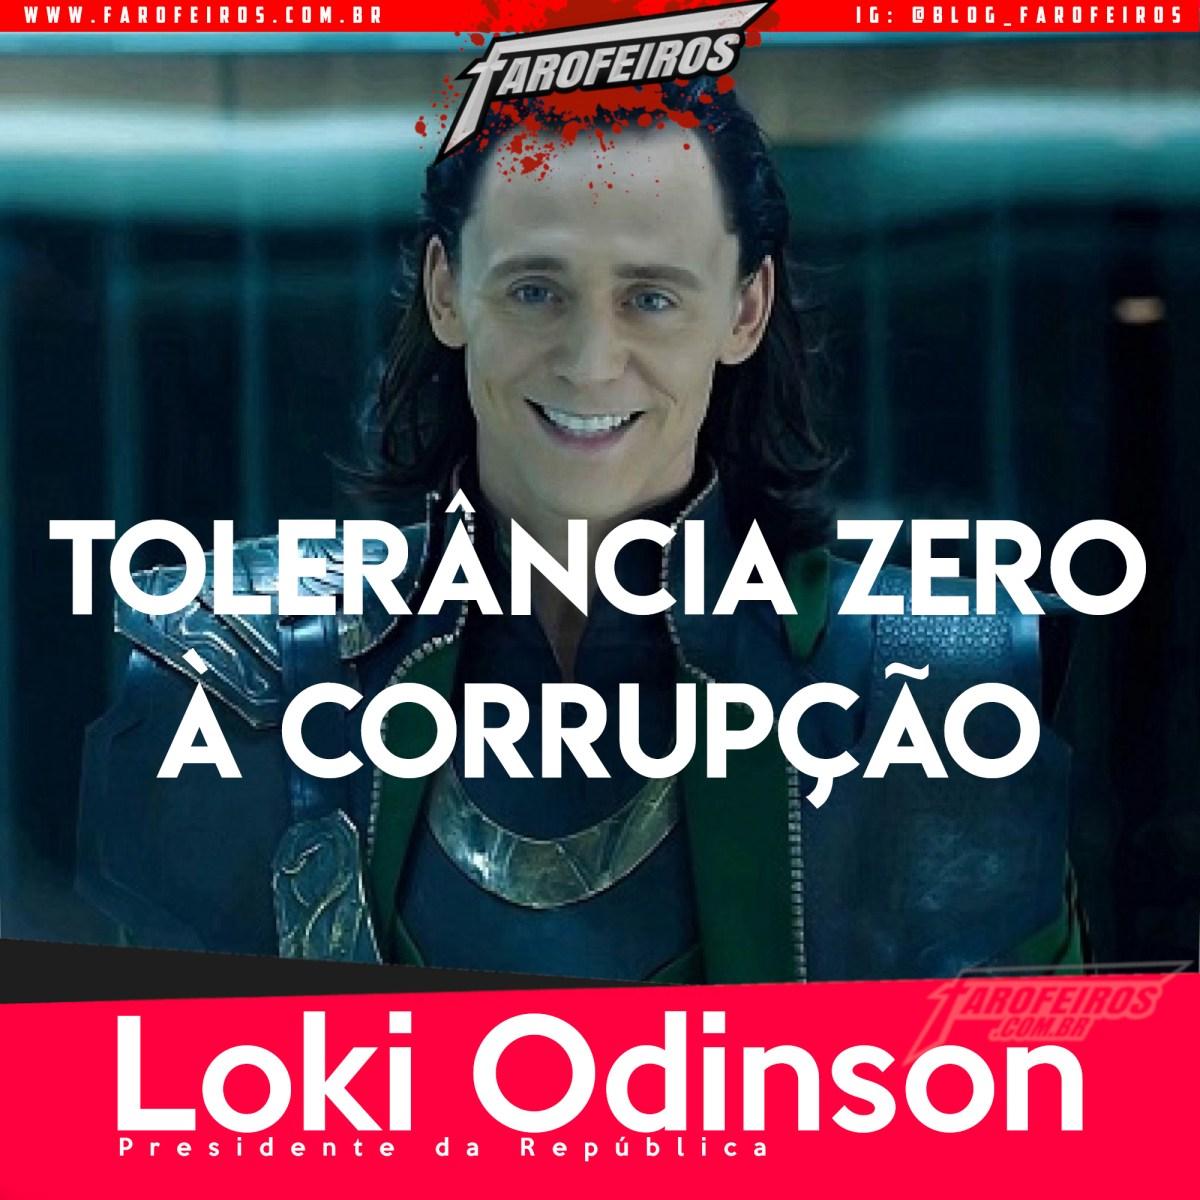 Super Eleições 2018 - Farofeiros com br - Loki - 1